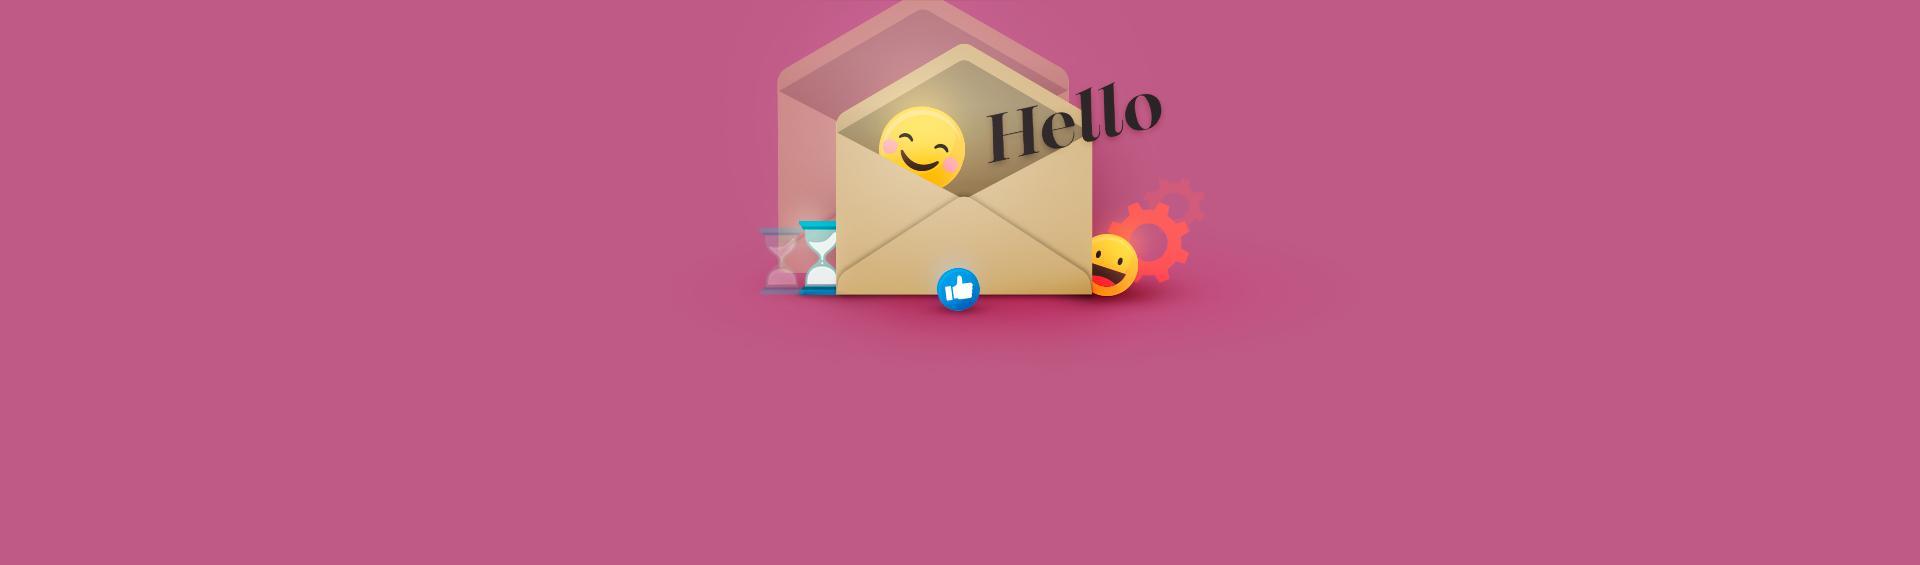 Каксоздать электронную почту наGmail, Mail.ru иЯндекс.Почте